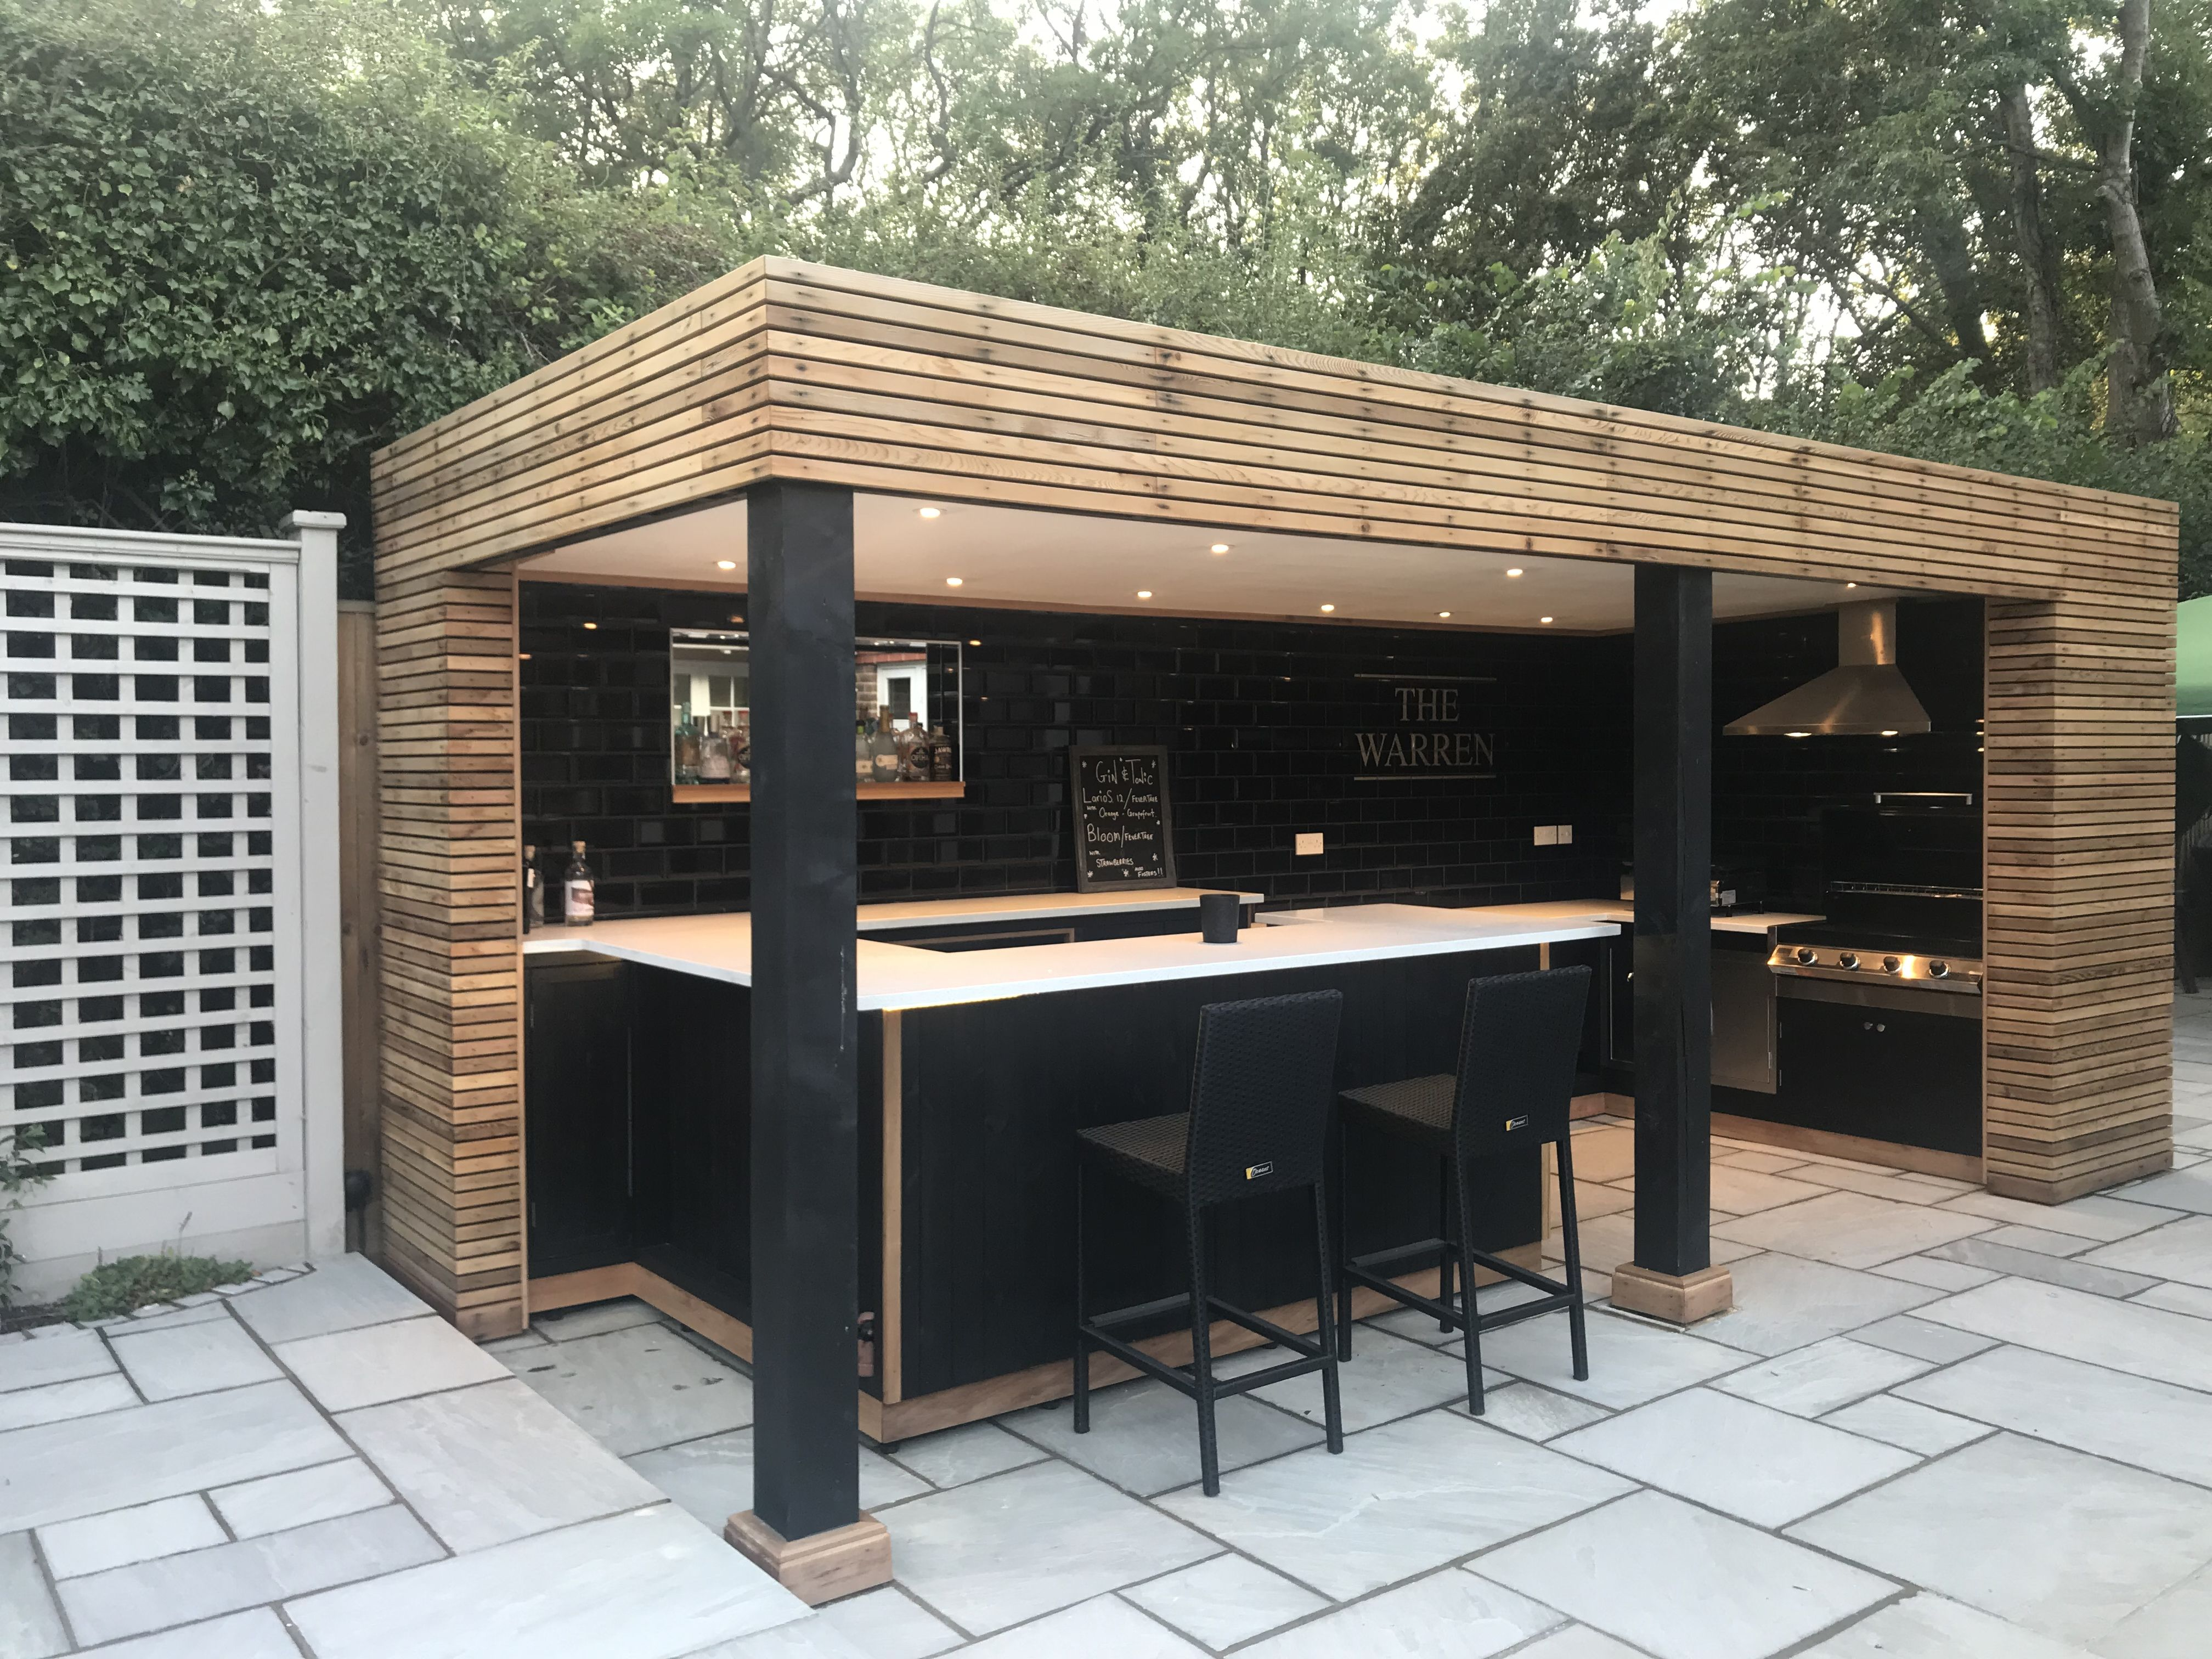 Bar Grill Outdoor Kitchen Design Patio Design Backyard Patio Designs Modern backyard bar ideas